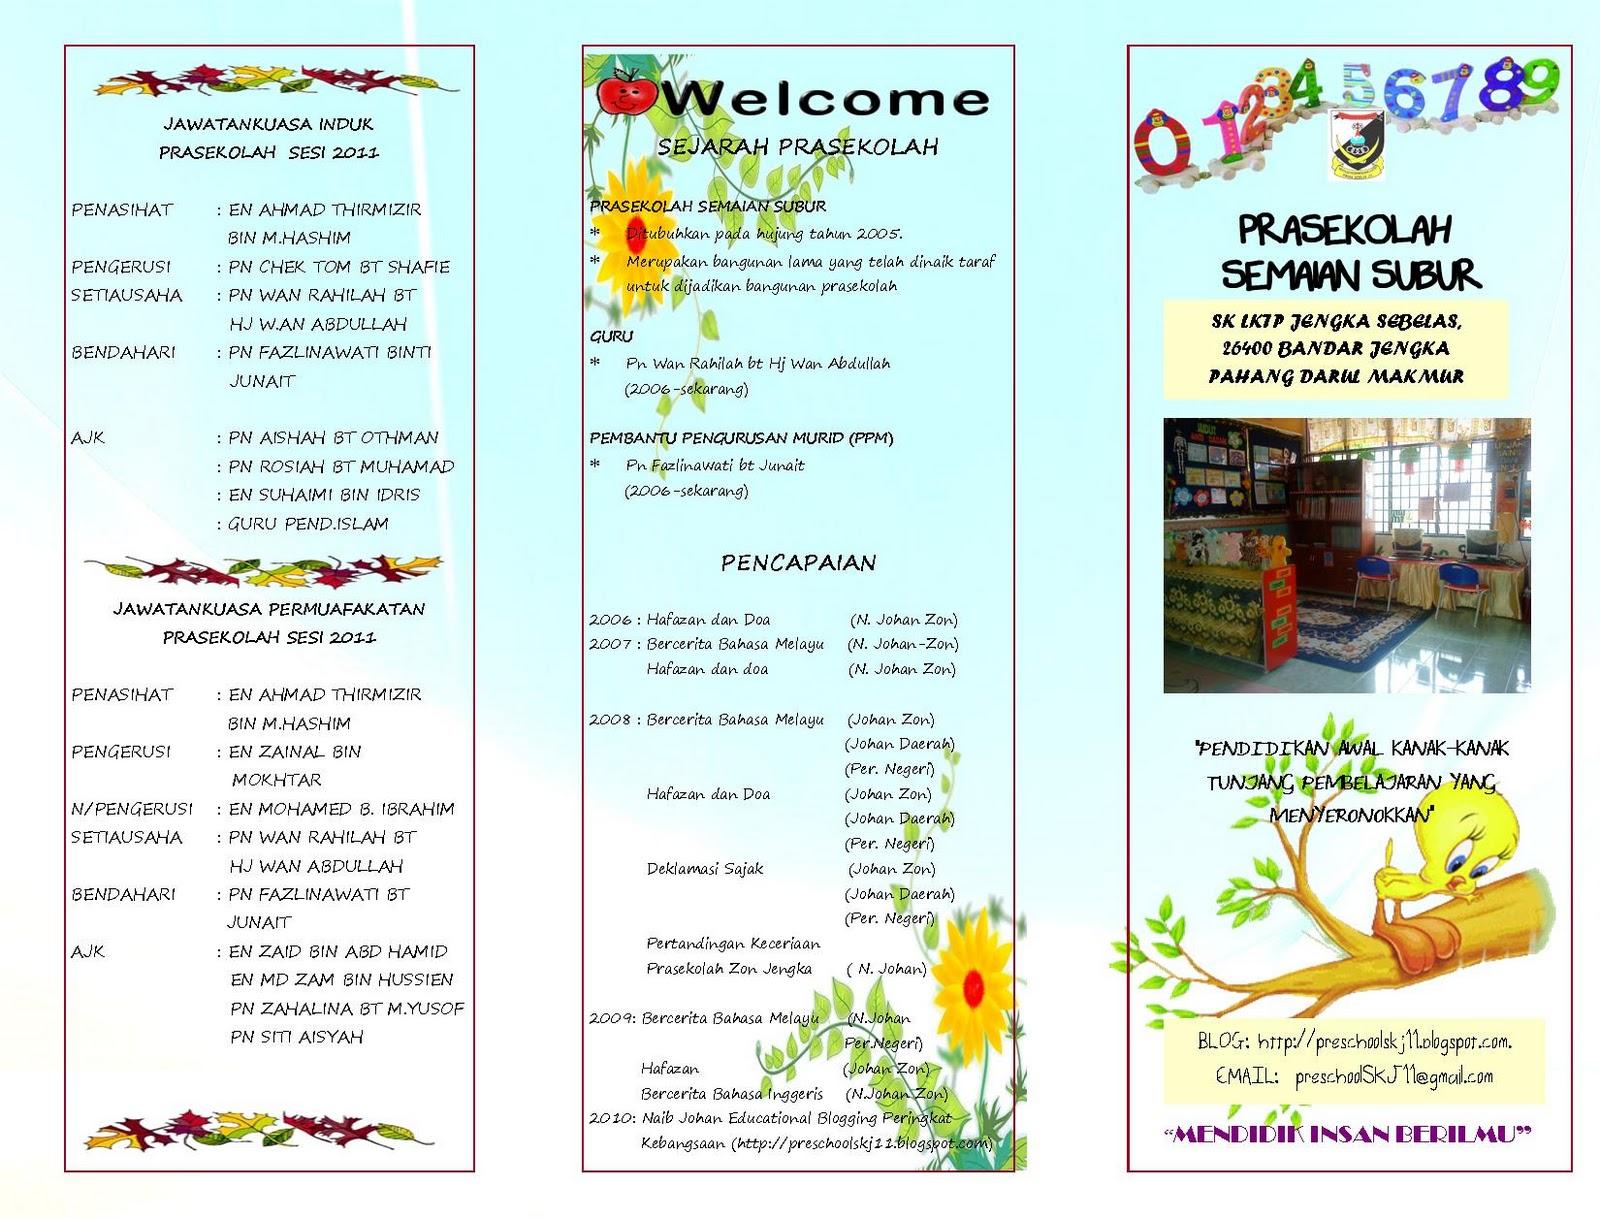 contoh brosur prasekolah 2011